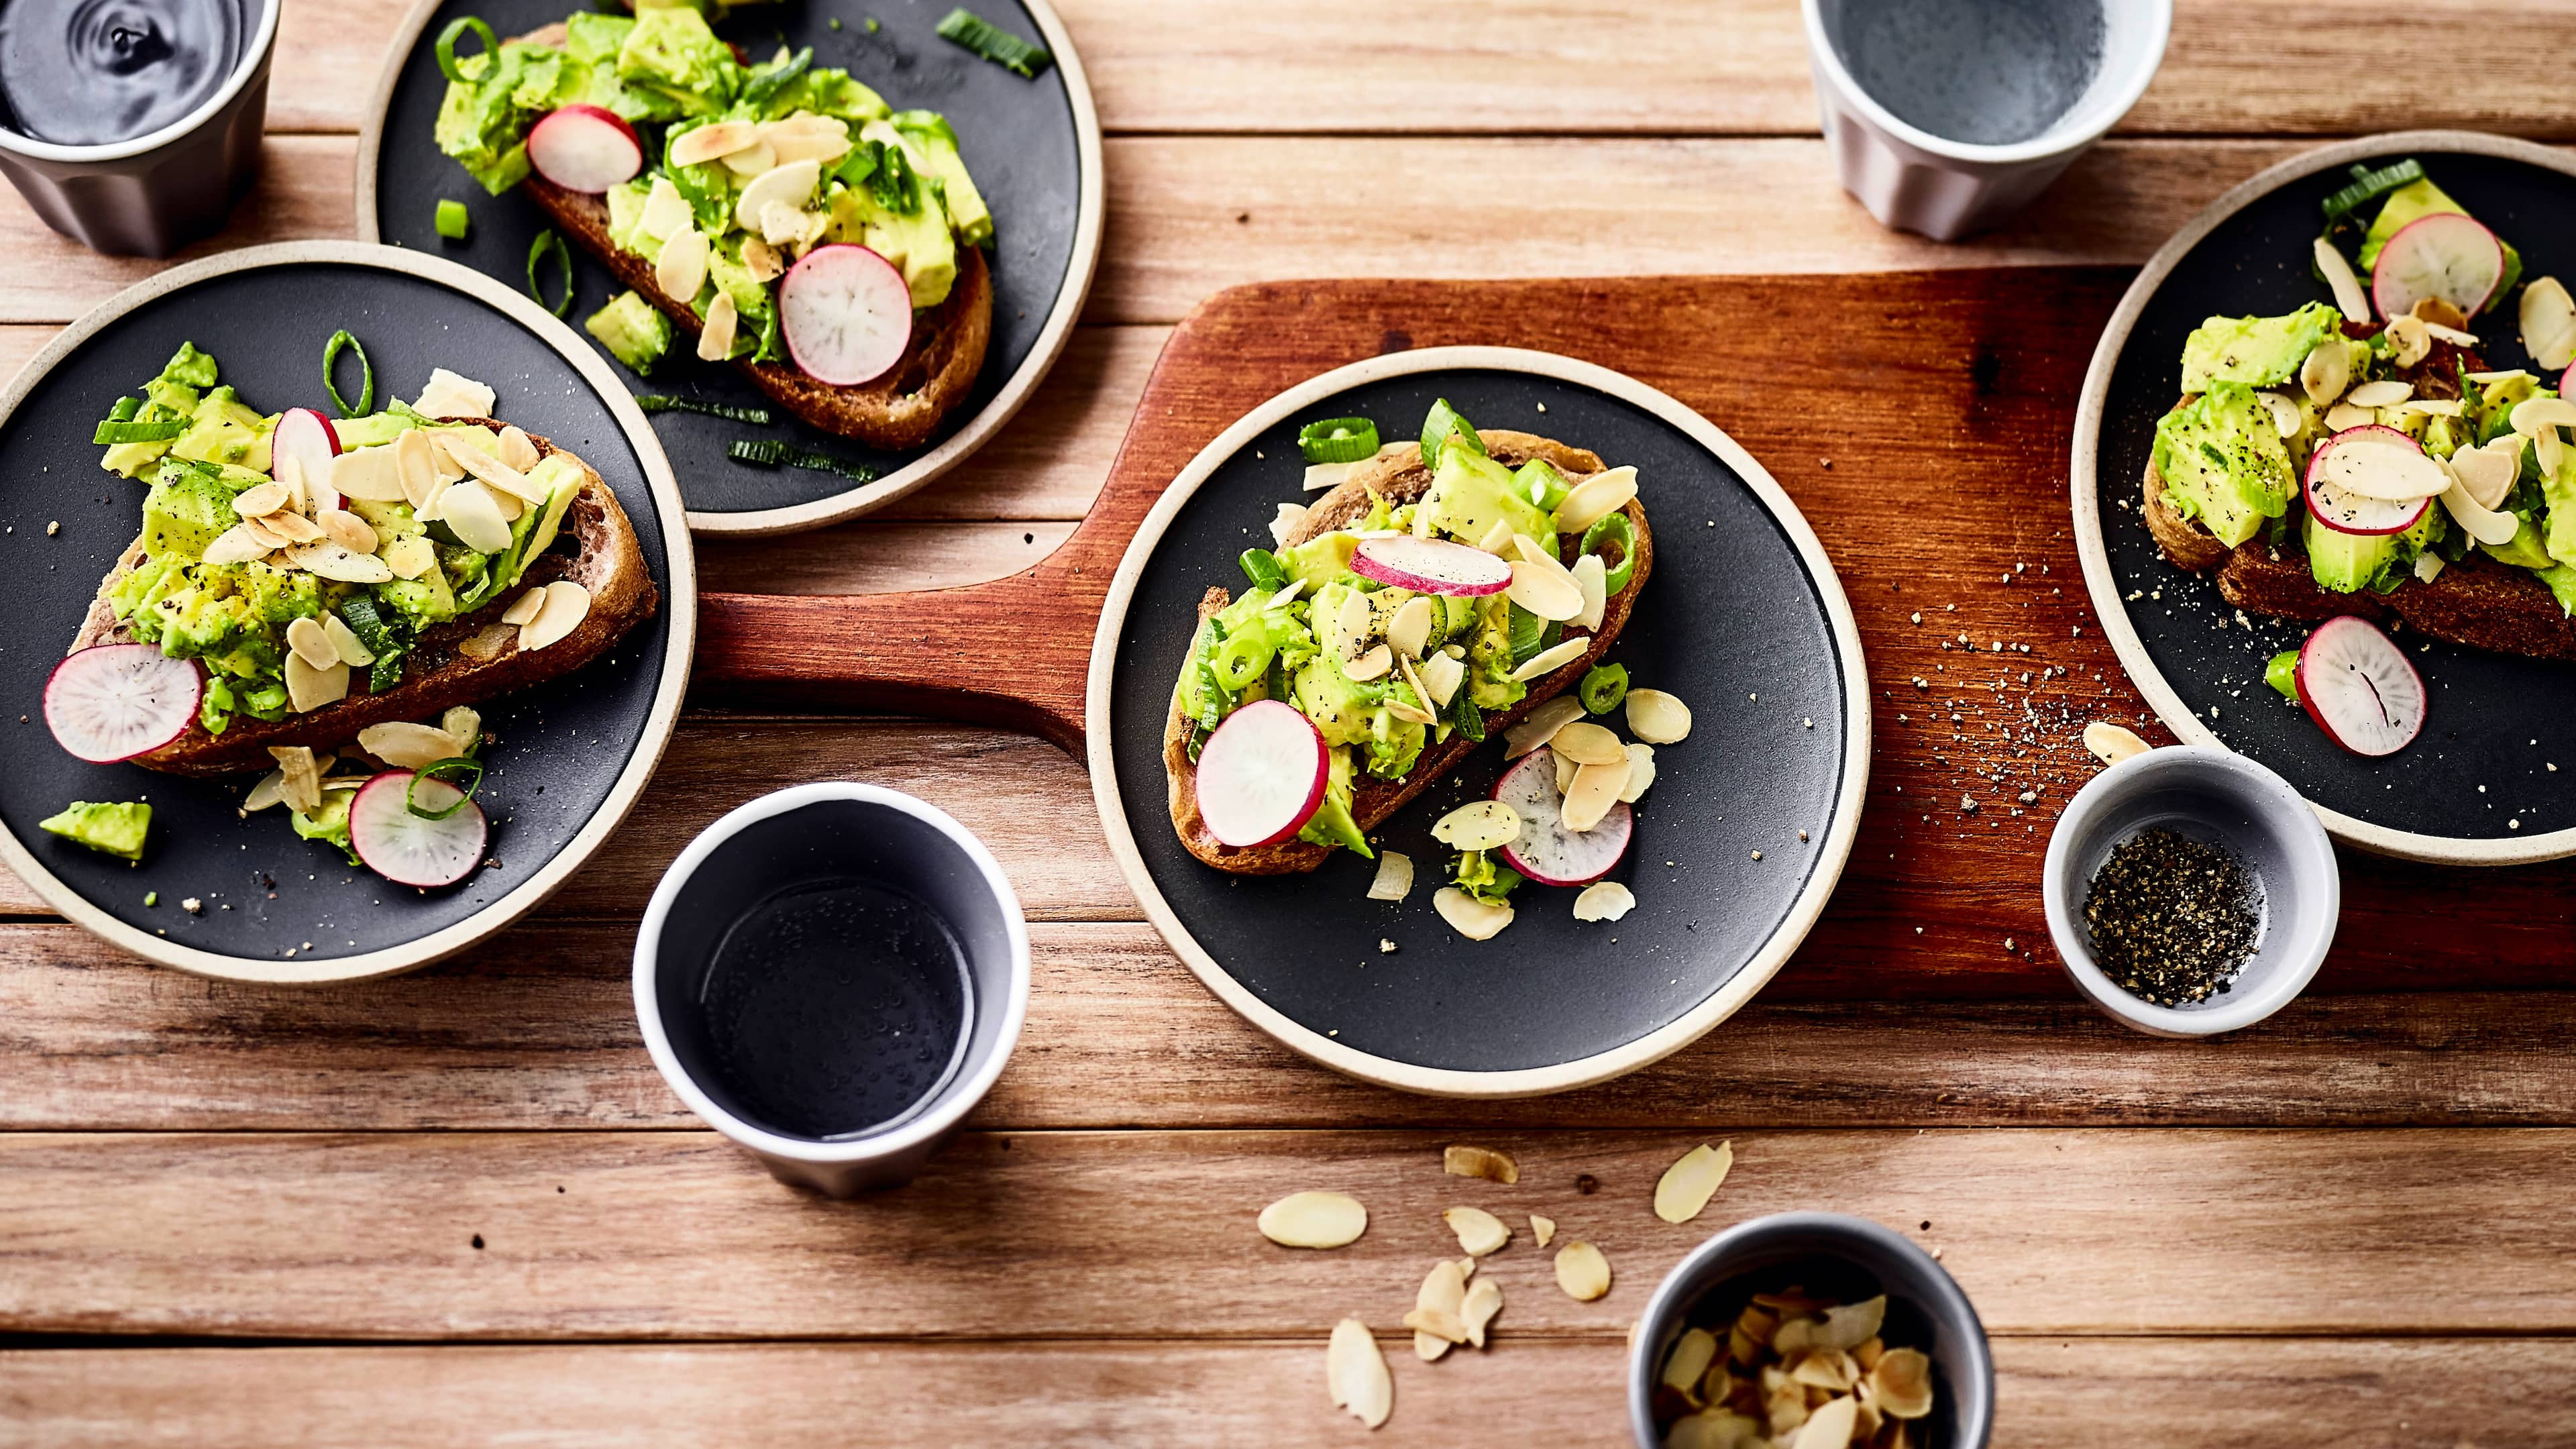 Stunning Leichte Mediterrane Küche Rezepte Photos - New Home ...